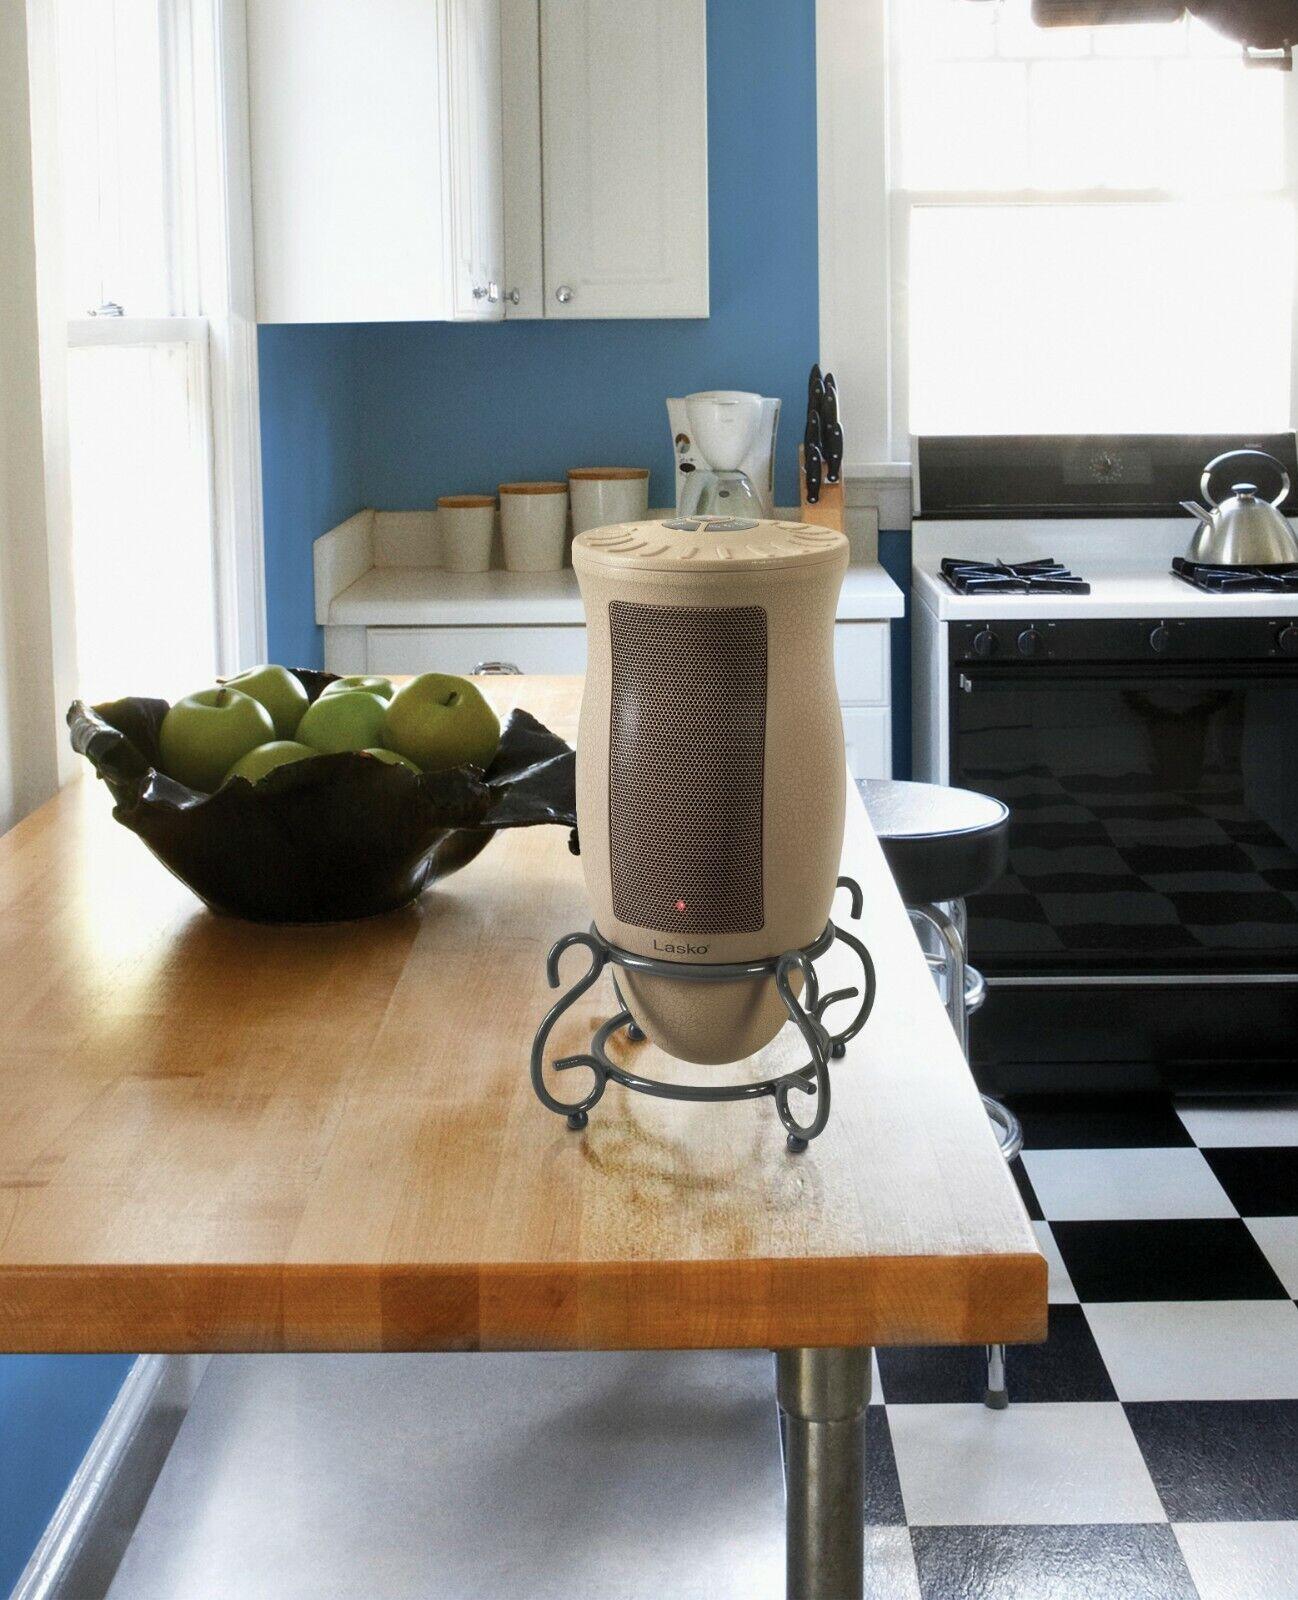 Lasko 6435 Designer Series Oscillating Ceramic Space Heater